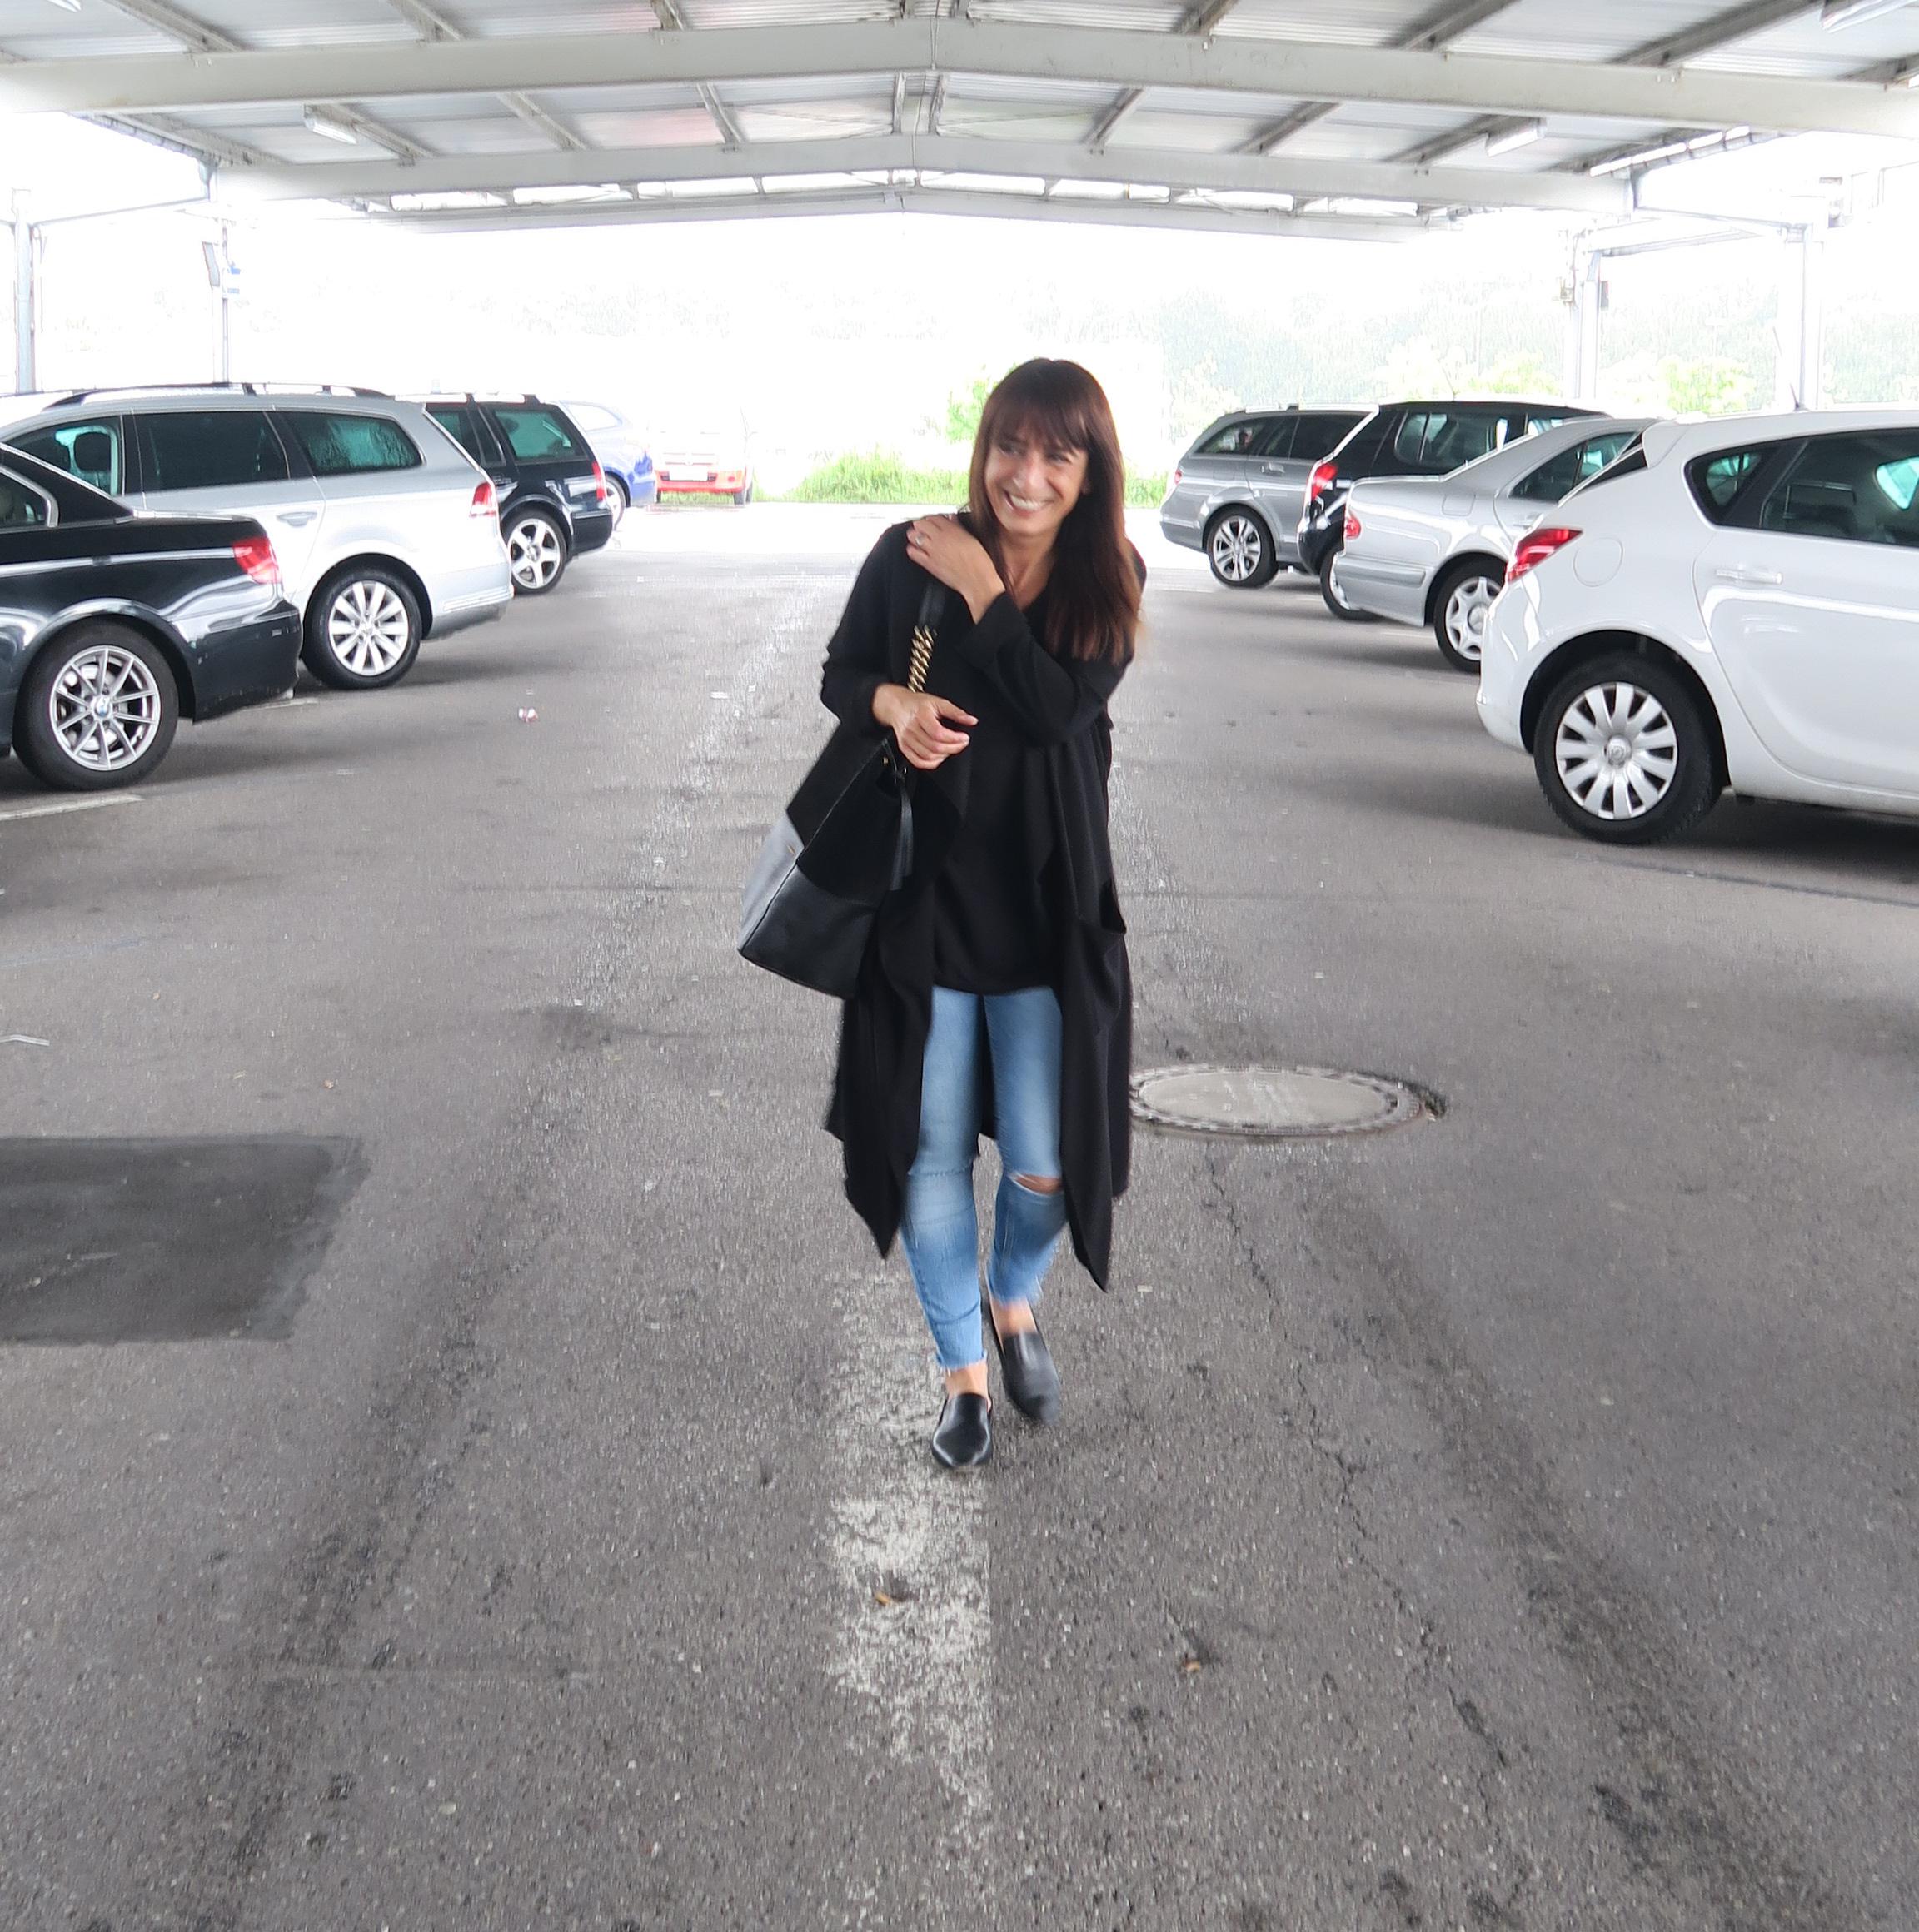 Streetfashion-Blogger-black-coat-loafer-style-fashion-modesalat-9